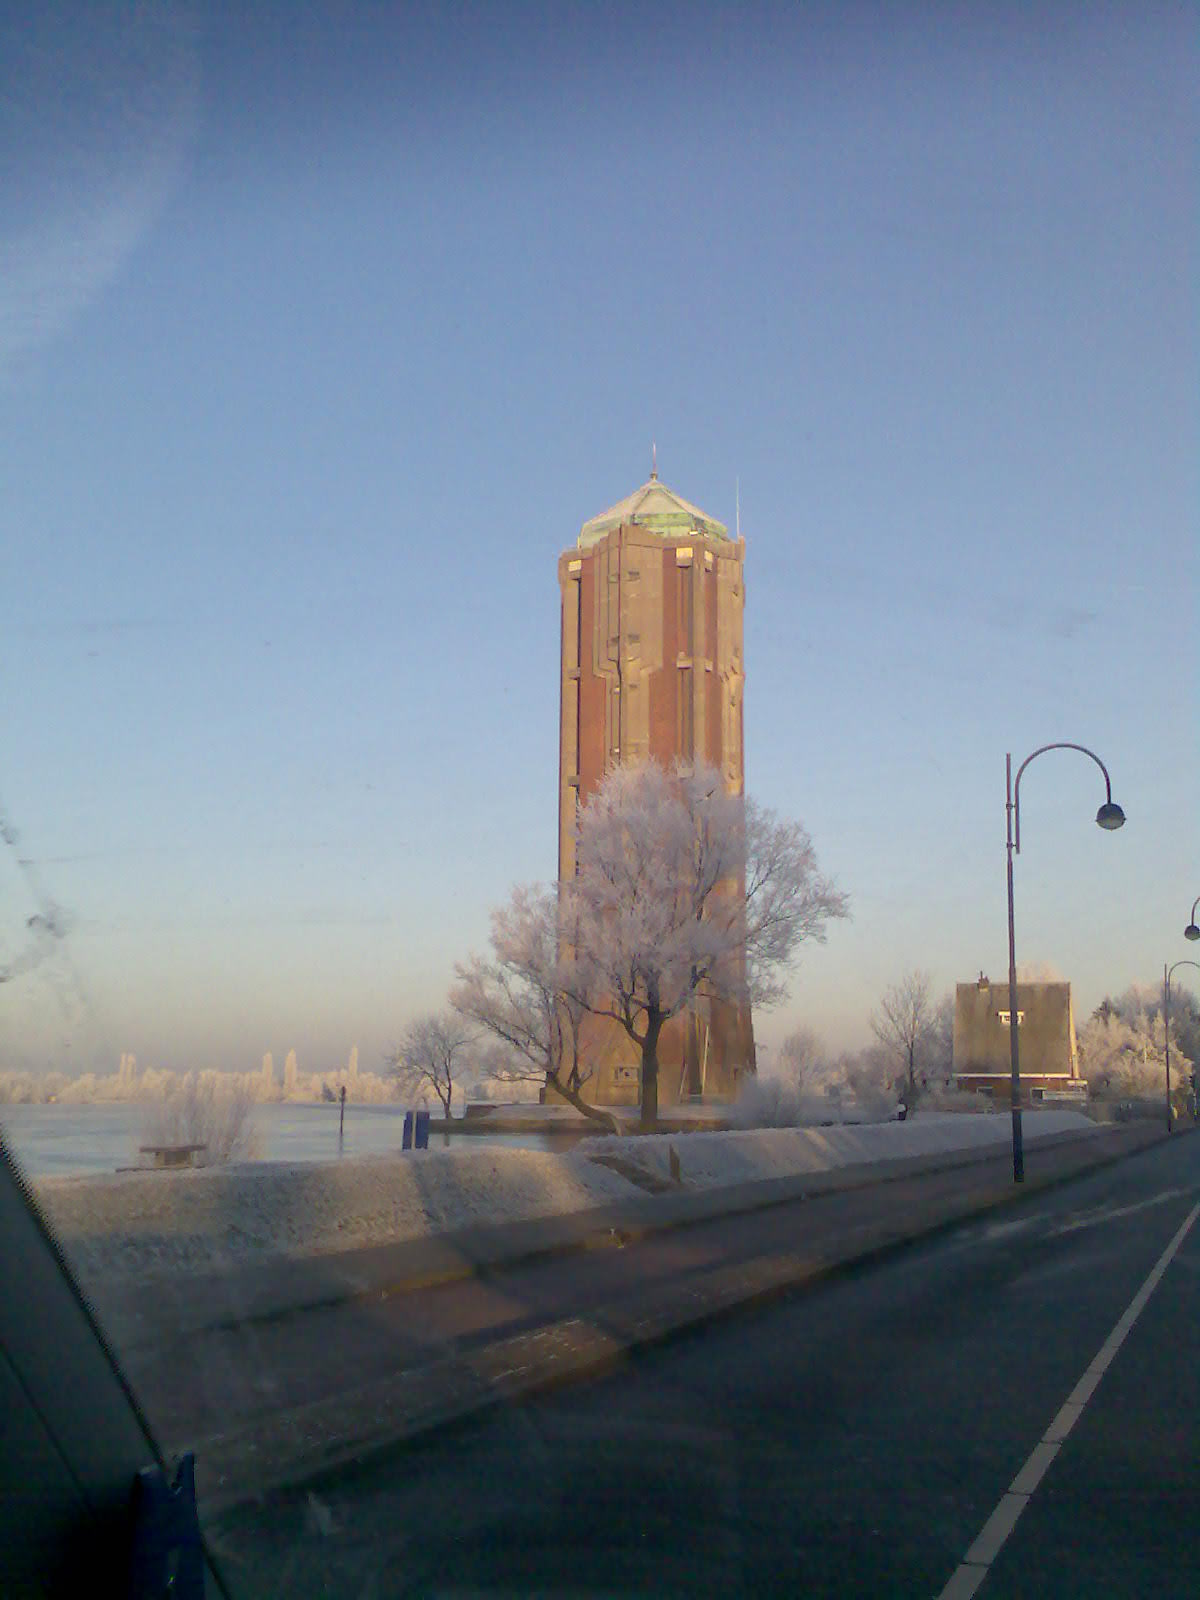 Watertoren in Aalsmeer | Monument - Rijksmonumenten.nl